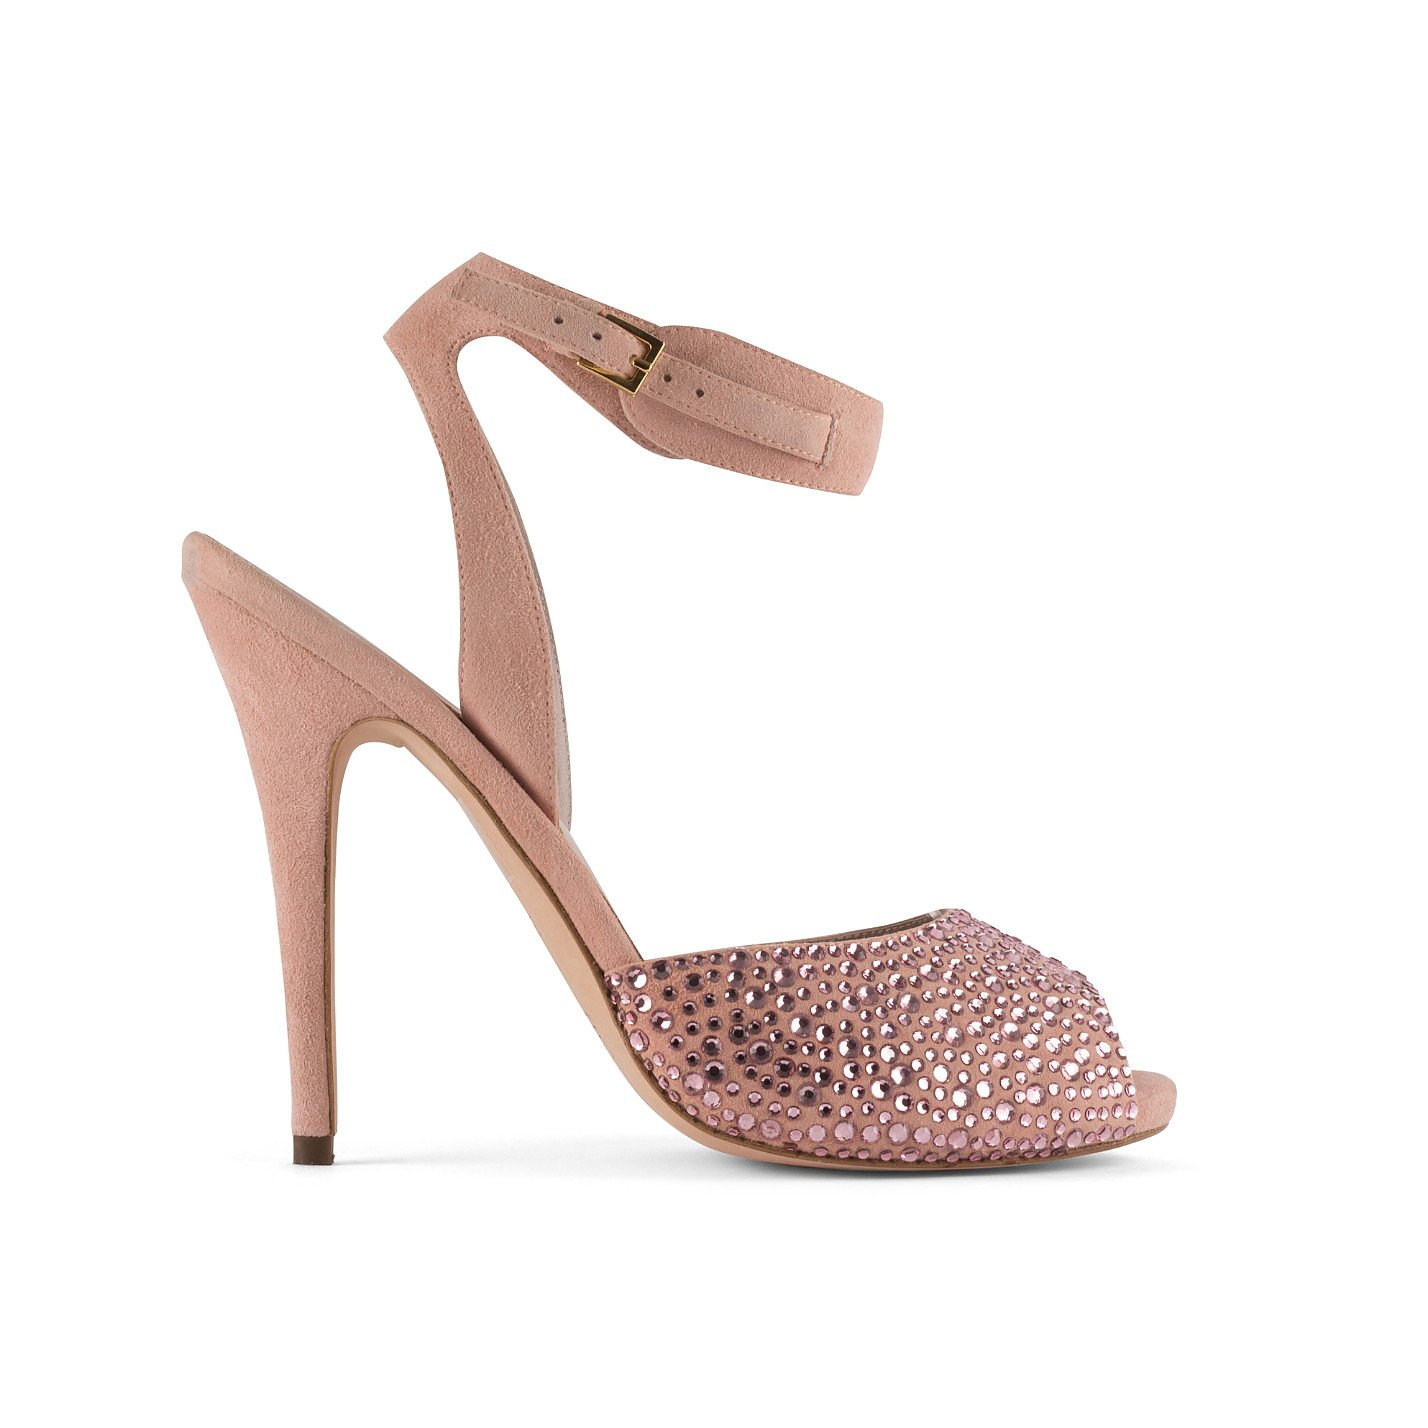 Elie Saab Embellished Suede Sandals